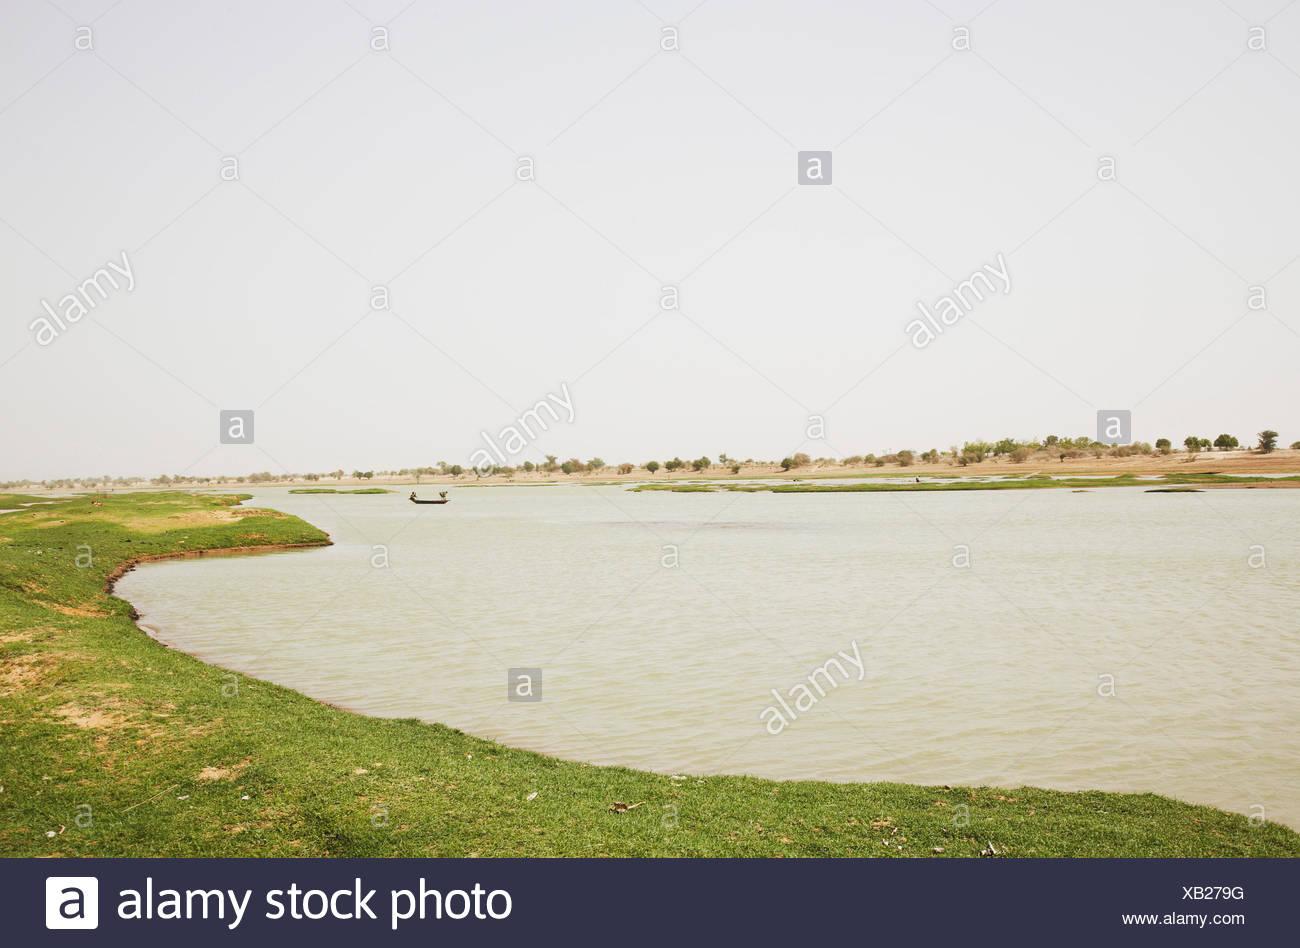 Vistas al río Níger cerca de Djenne, región de Mopti, Malí Foto de stock